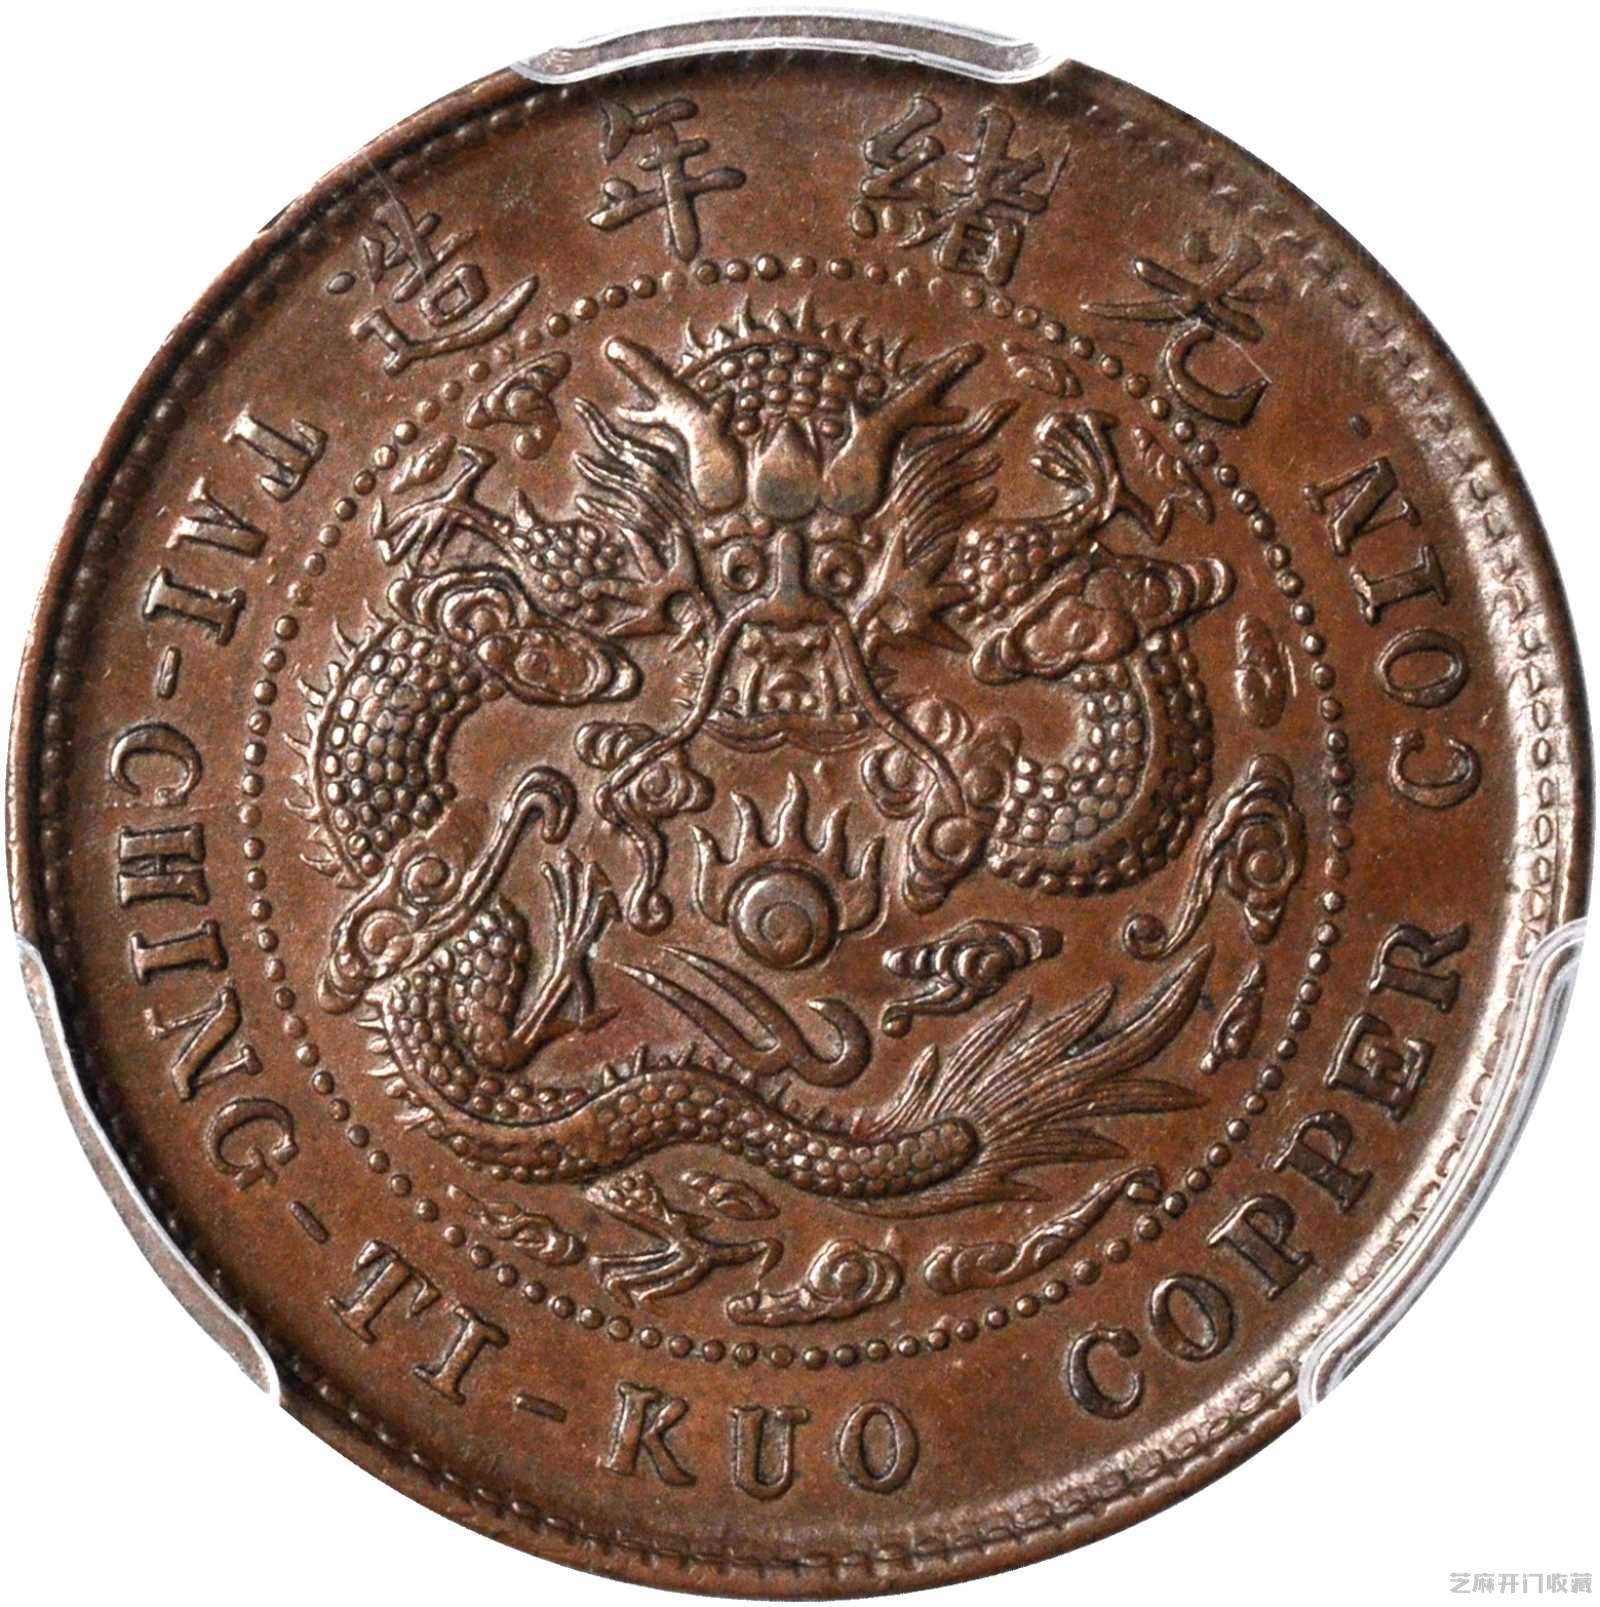 [马踏飞燕图片]光绪年造大清铜币十文参考价格